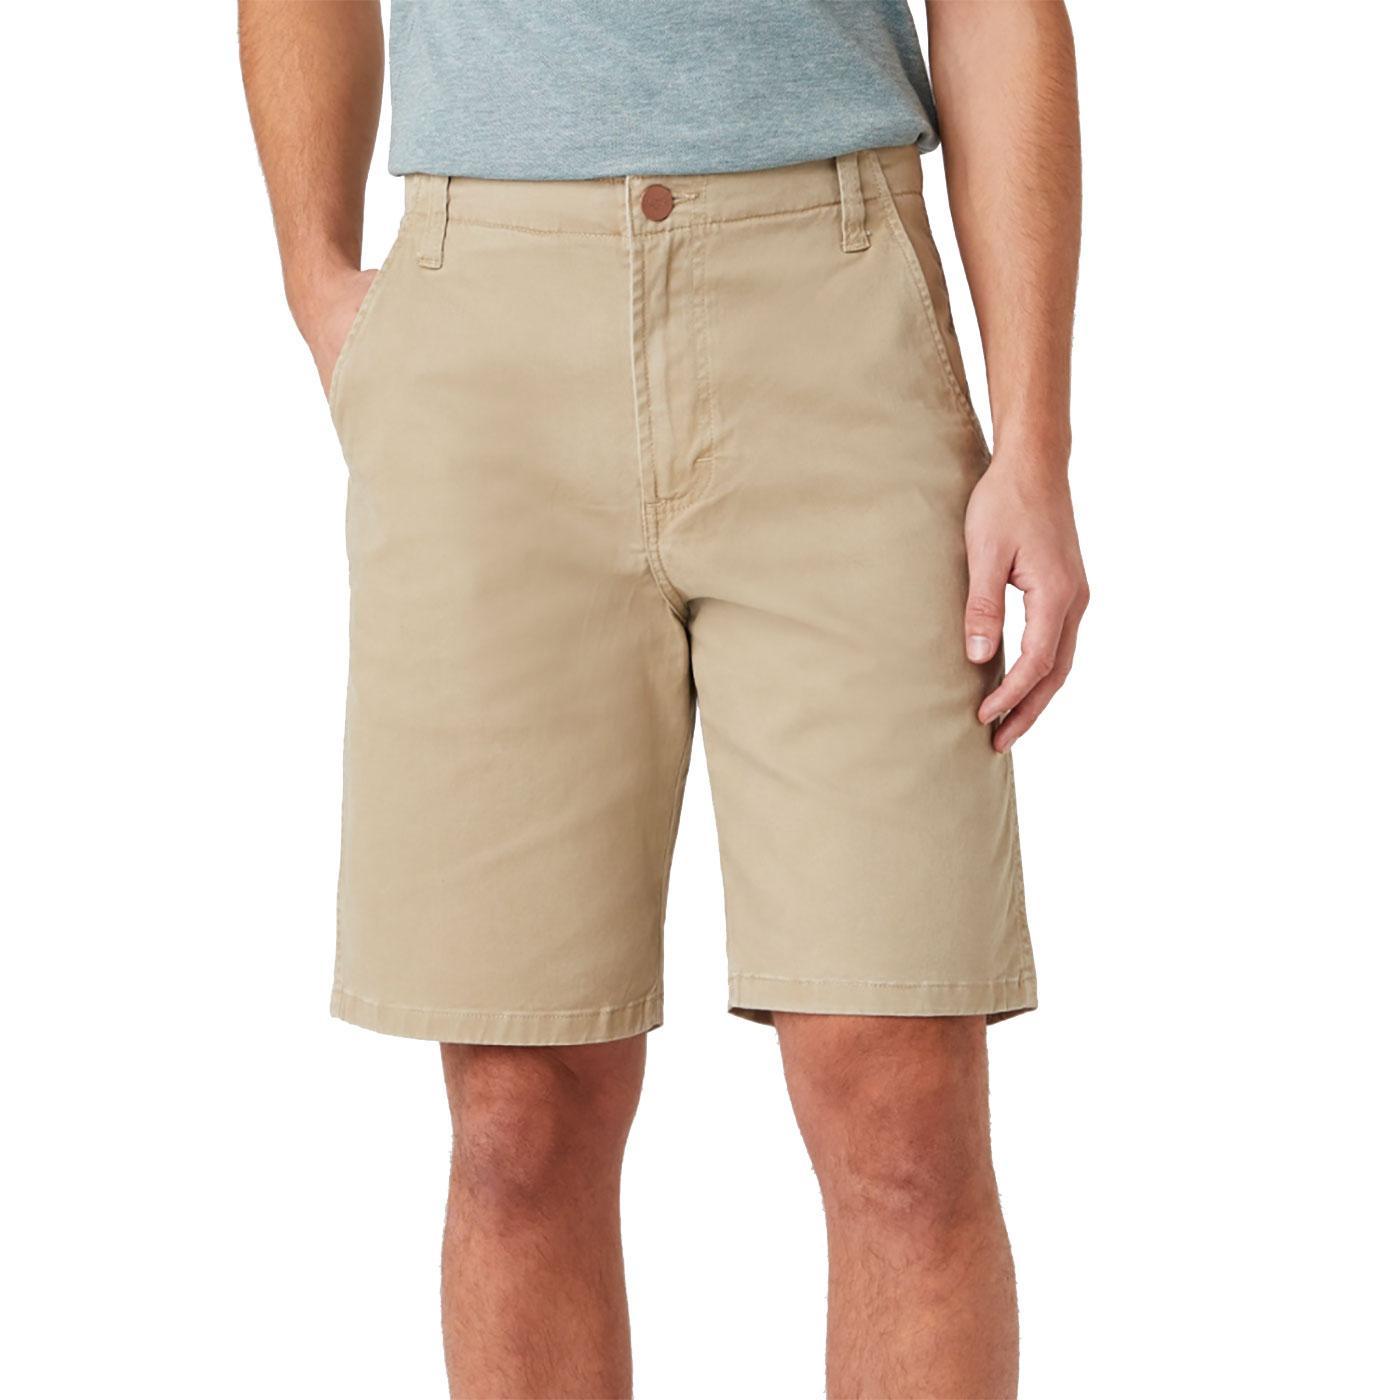 Casey WRANGLER Men's Retro Twill Chino Shorts S